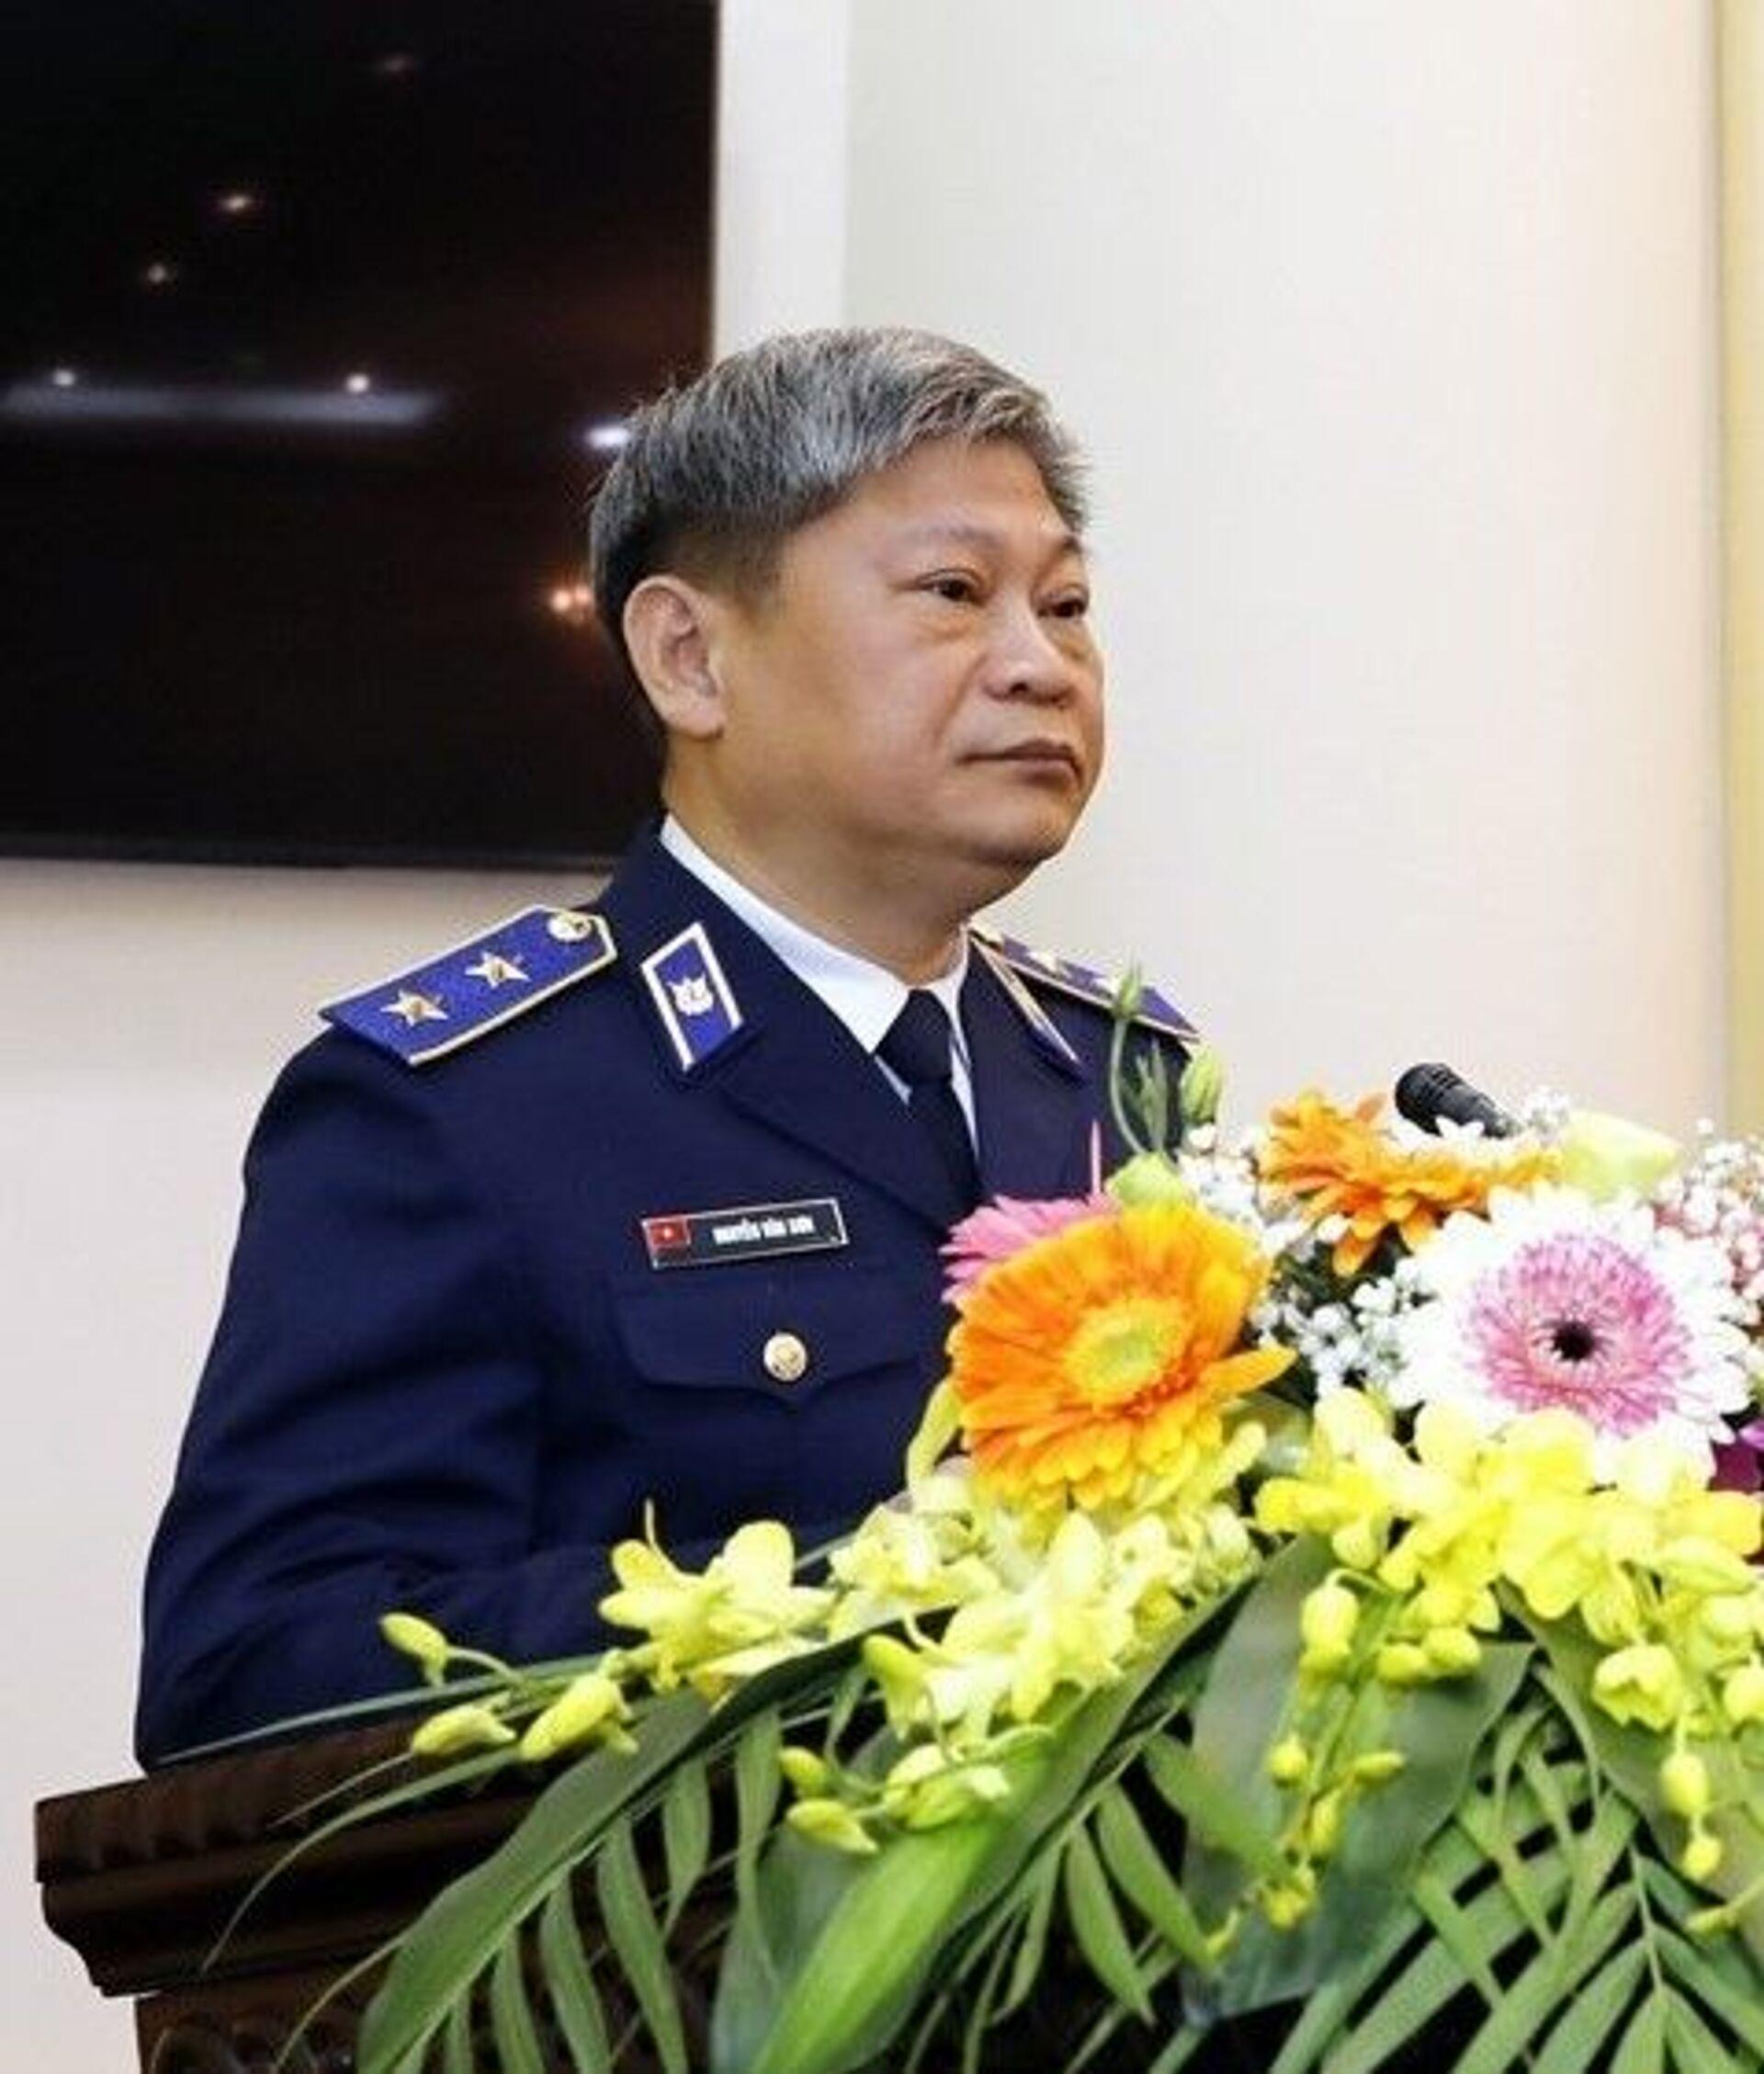 Trung tướng Nguyễn Văn Sơn, Phó Bí thư Đảng ủy, Tư lệnh Cảnh sát biển Việt Nam. - Sputnik Việt Nam, 1920, 05.10.2021